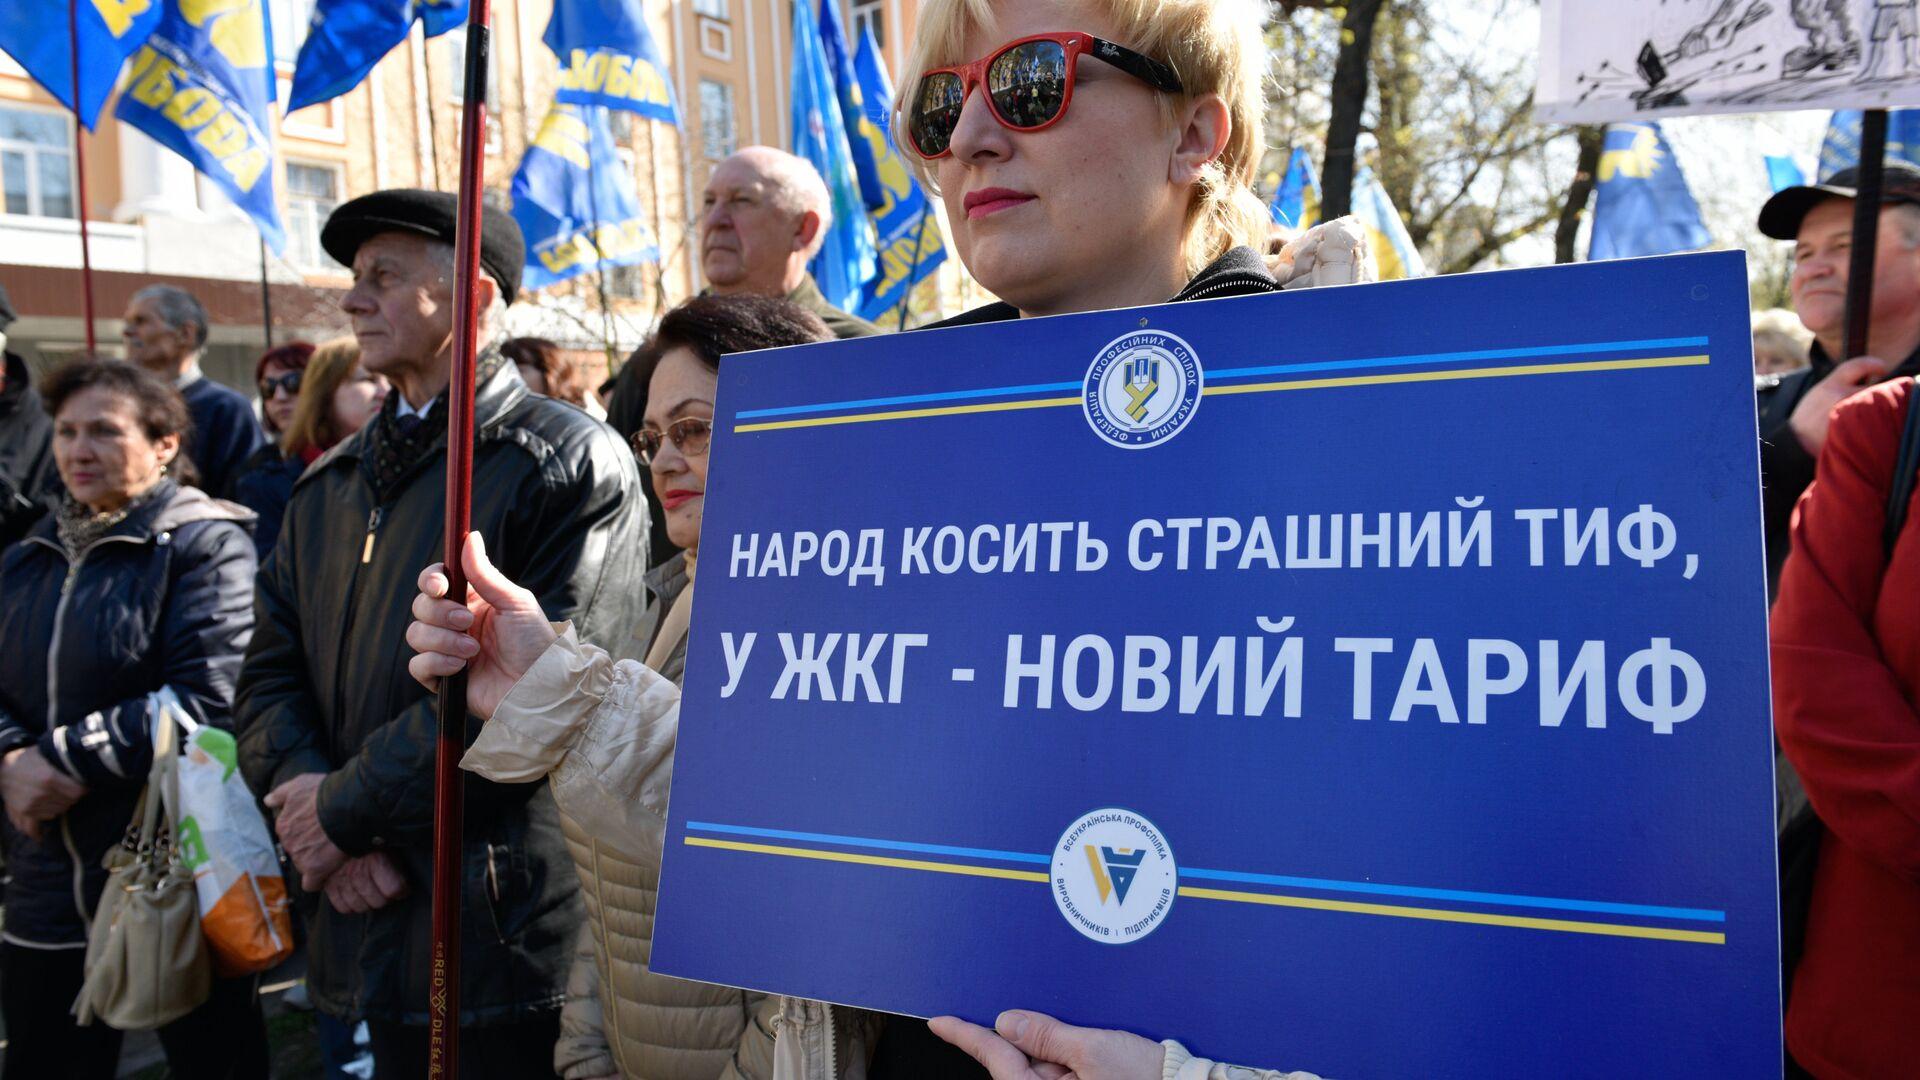 Участники акции против повышения тарифов ЖКХ в Киеве. 10 апреля 2017 - РИА Новости, 1920, 31.01.2021